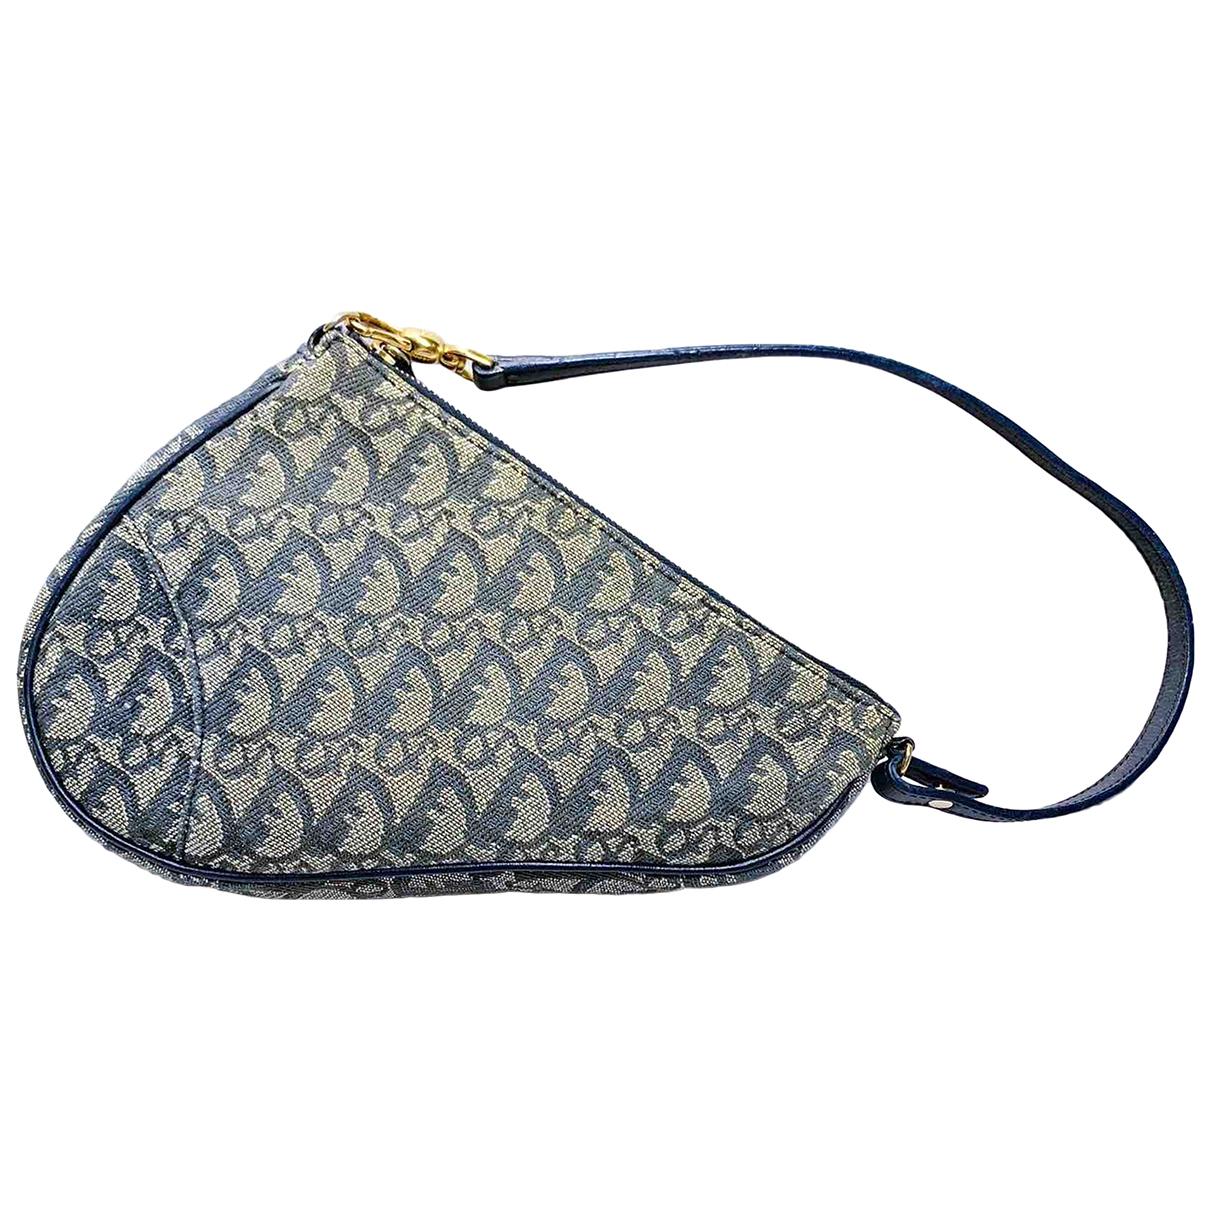 Pochette Saddle de Lona Dior